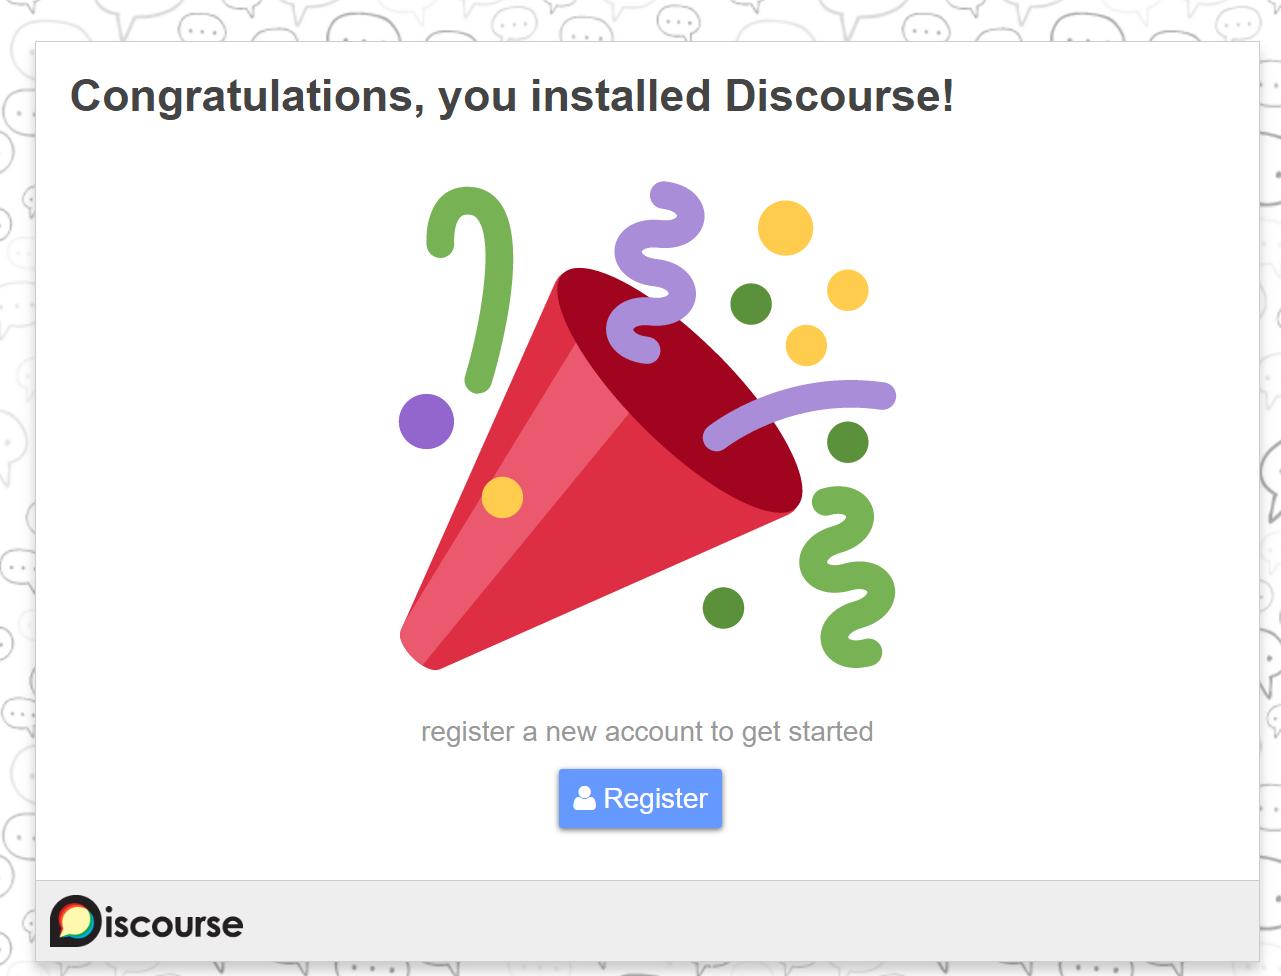 Заставка с поздравлениями от Discourse